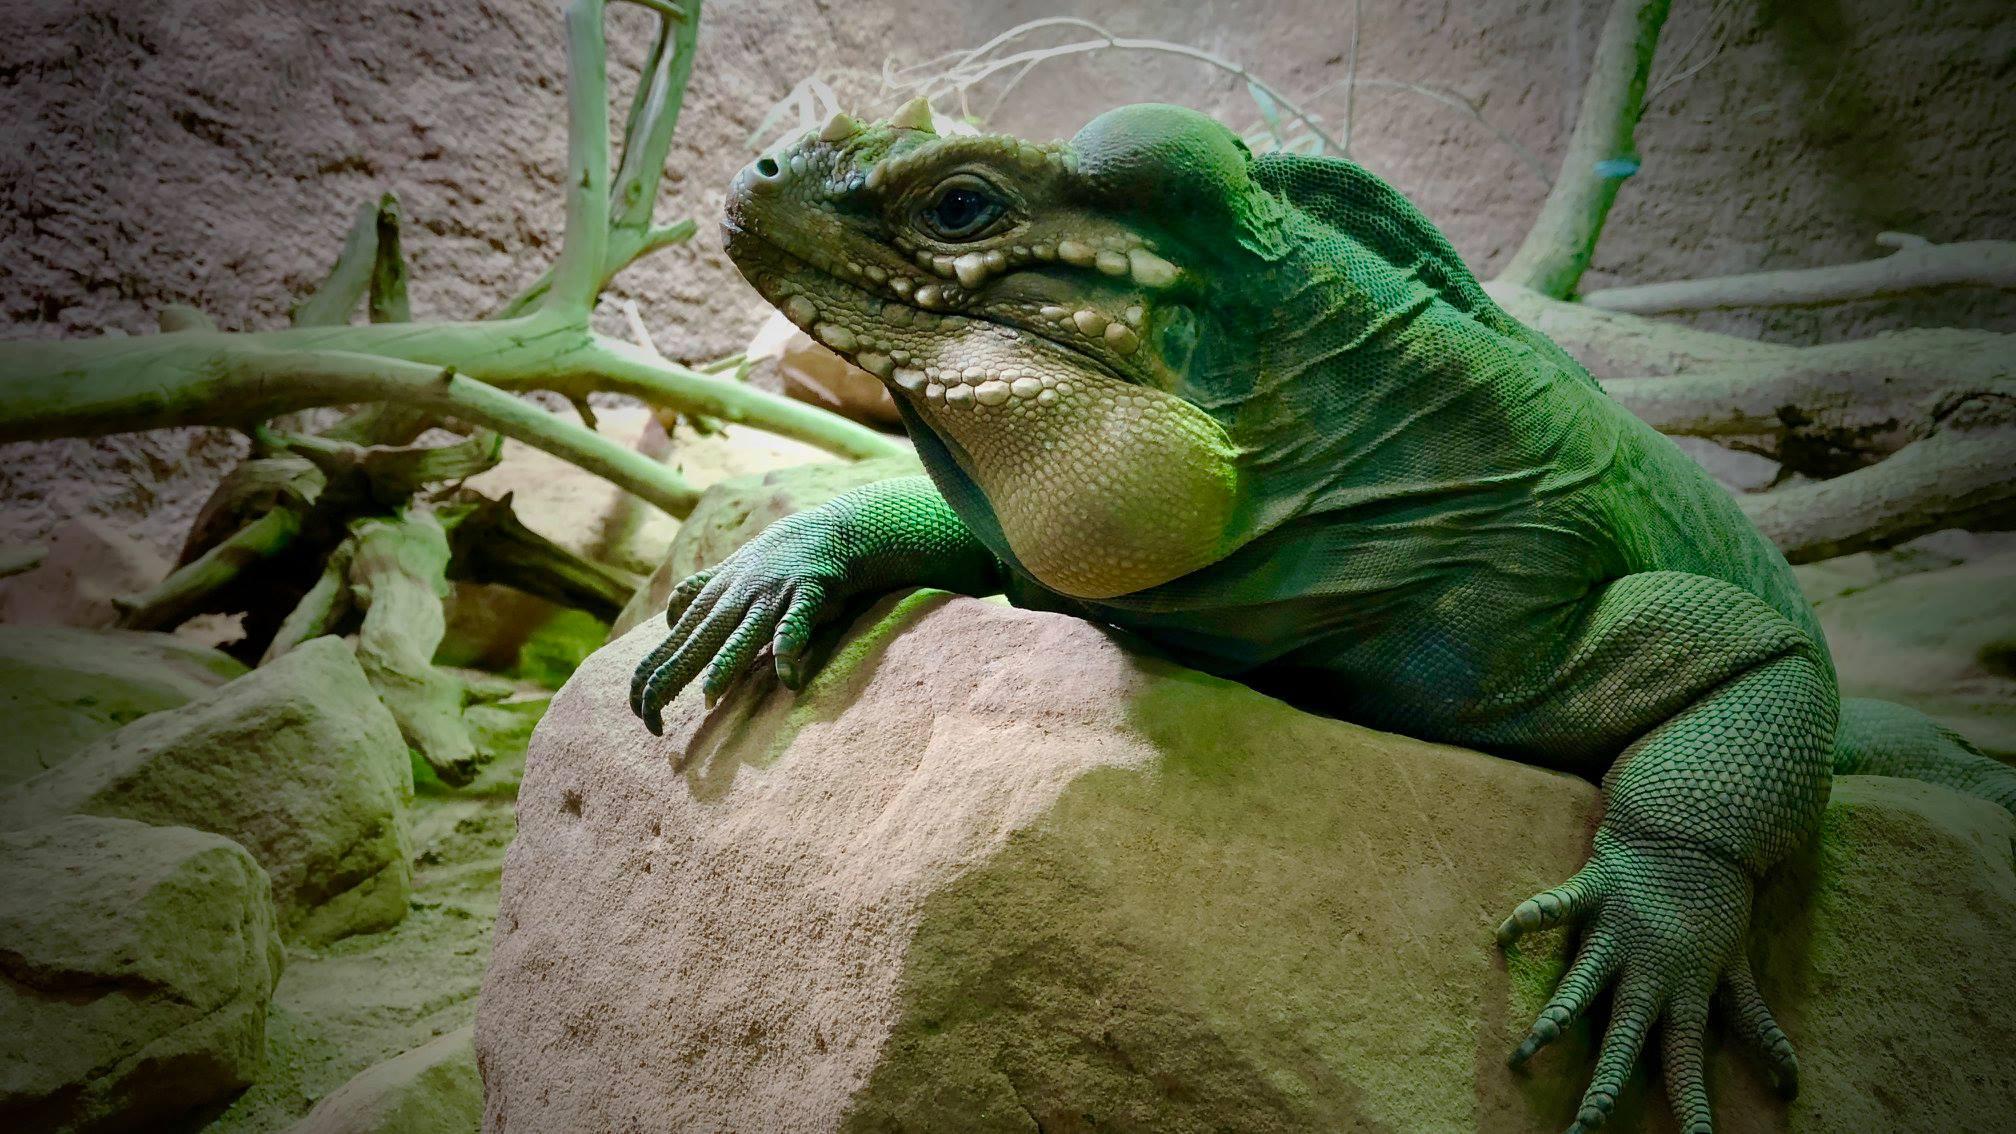 Freie Trauung Reptilium Landau in der Pfalz